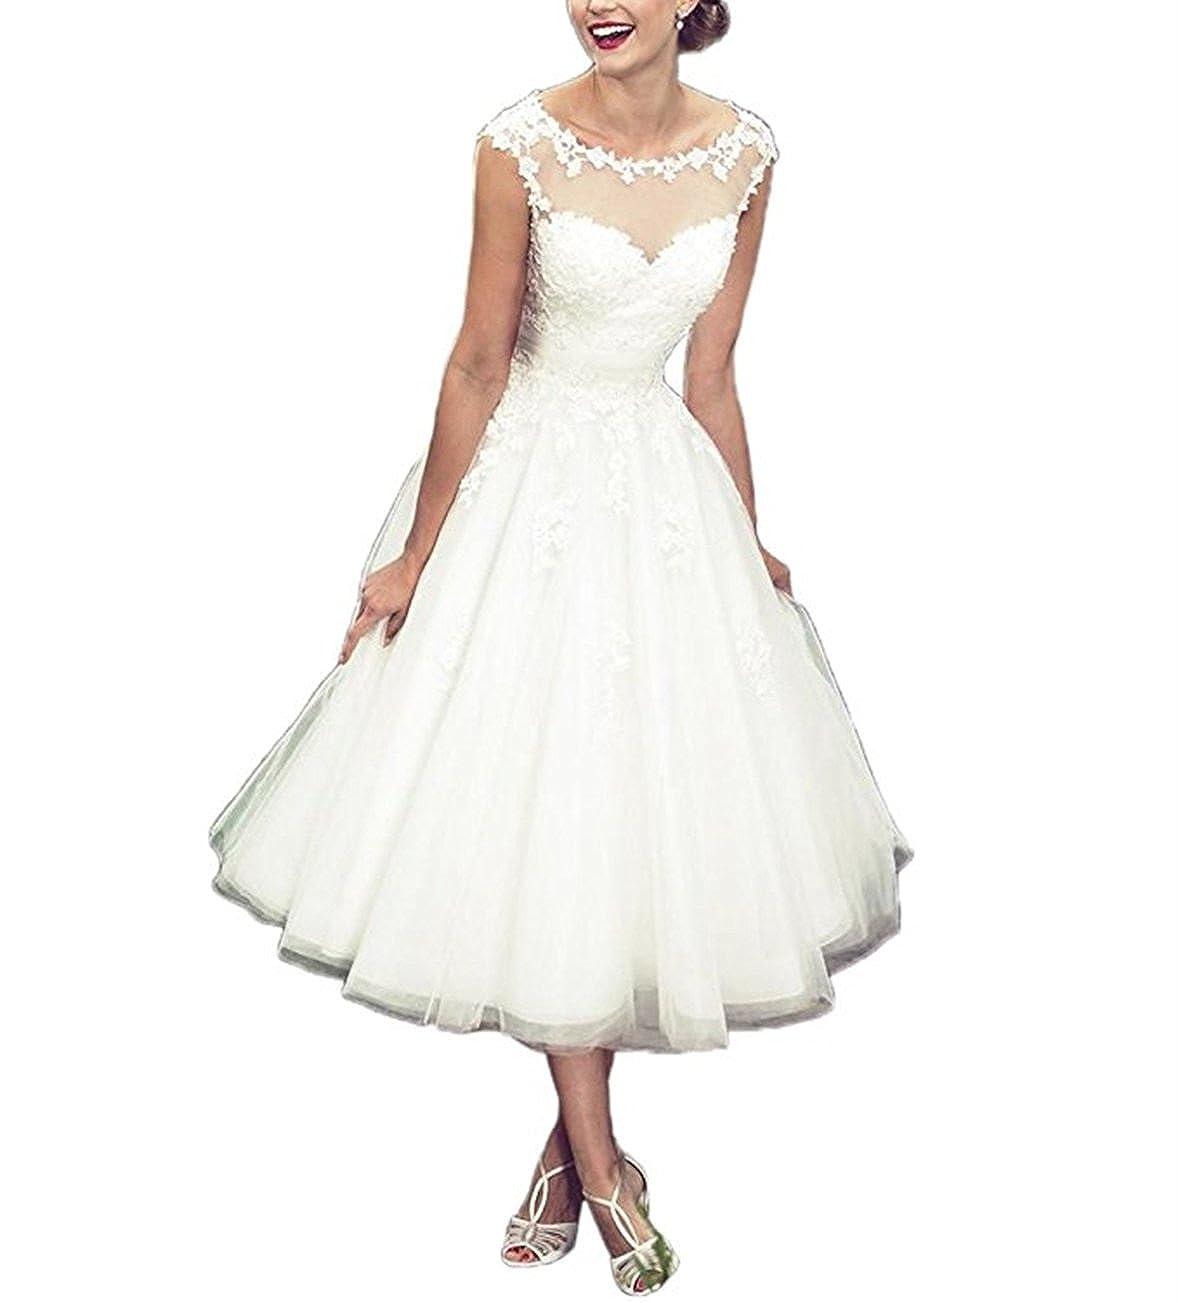 XUYUDITA Simple tšŠ de longitud cuello escote cuello Appliques vestidos de novia Tulle vestido nupcial: Amazon.es: Ropa y accesorios